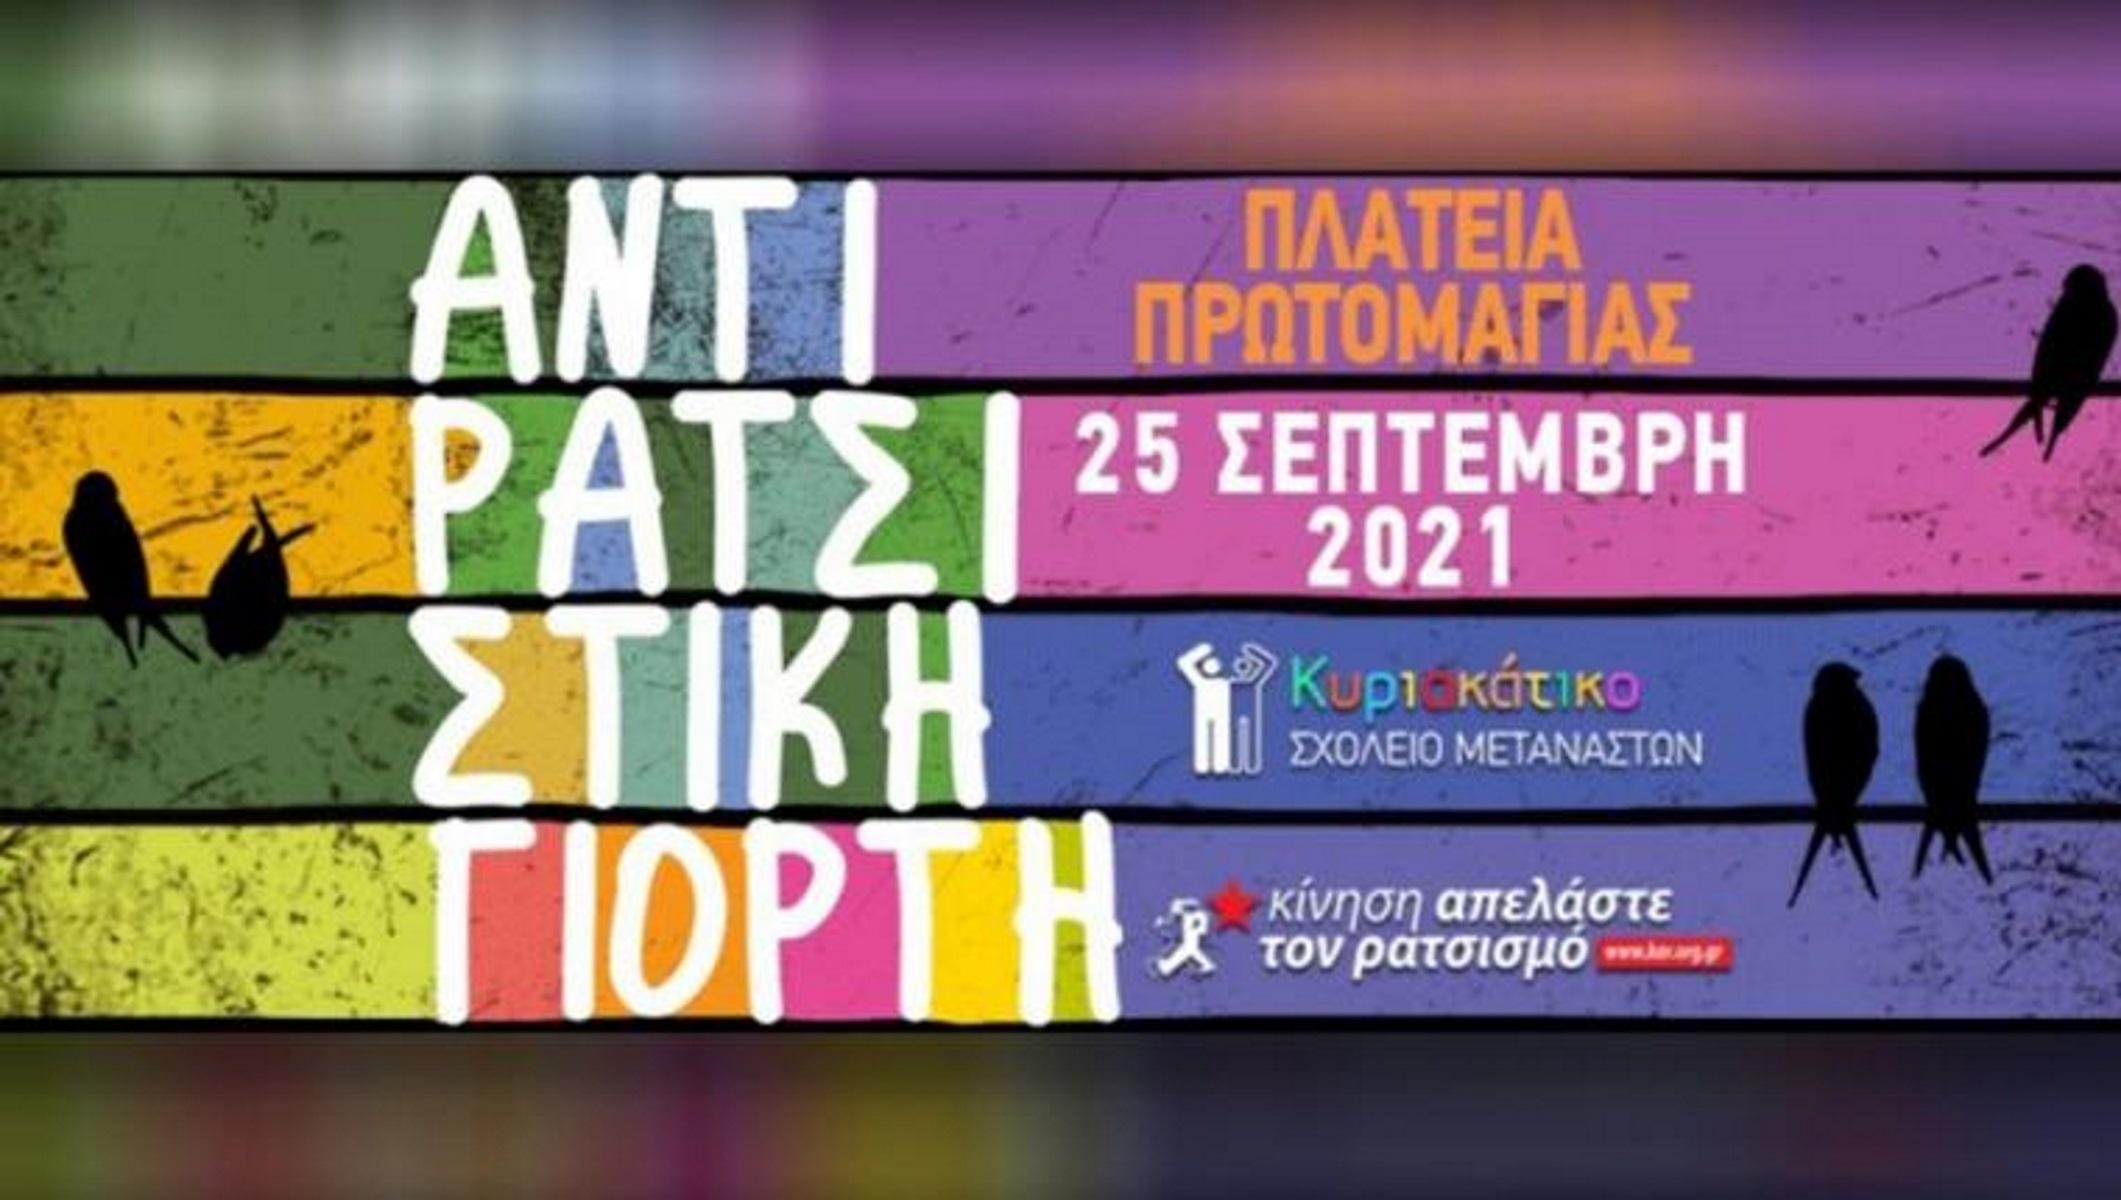 Σήμερα (25/09) η Αντιρατσιστική Γιορτή στην πλατεία Πρωτομαγιάς